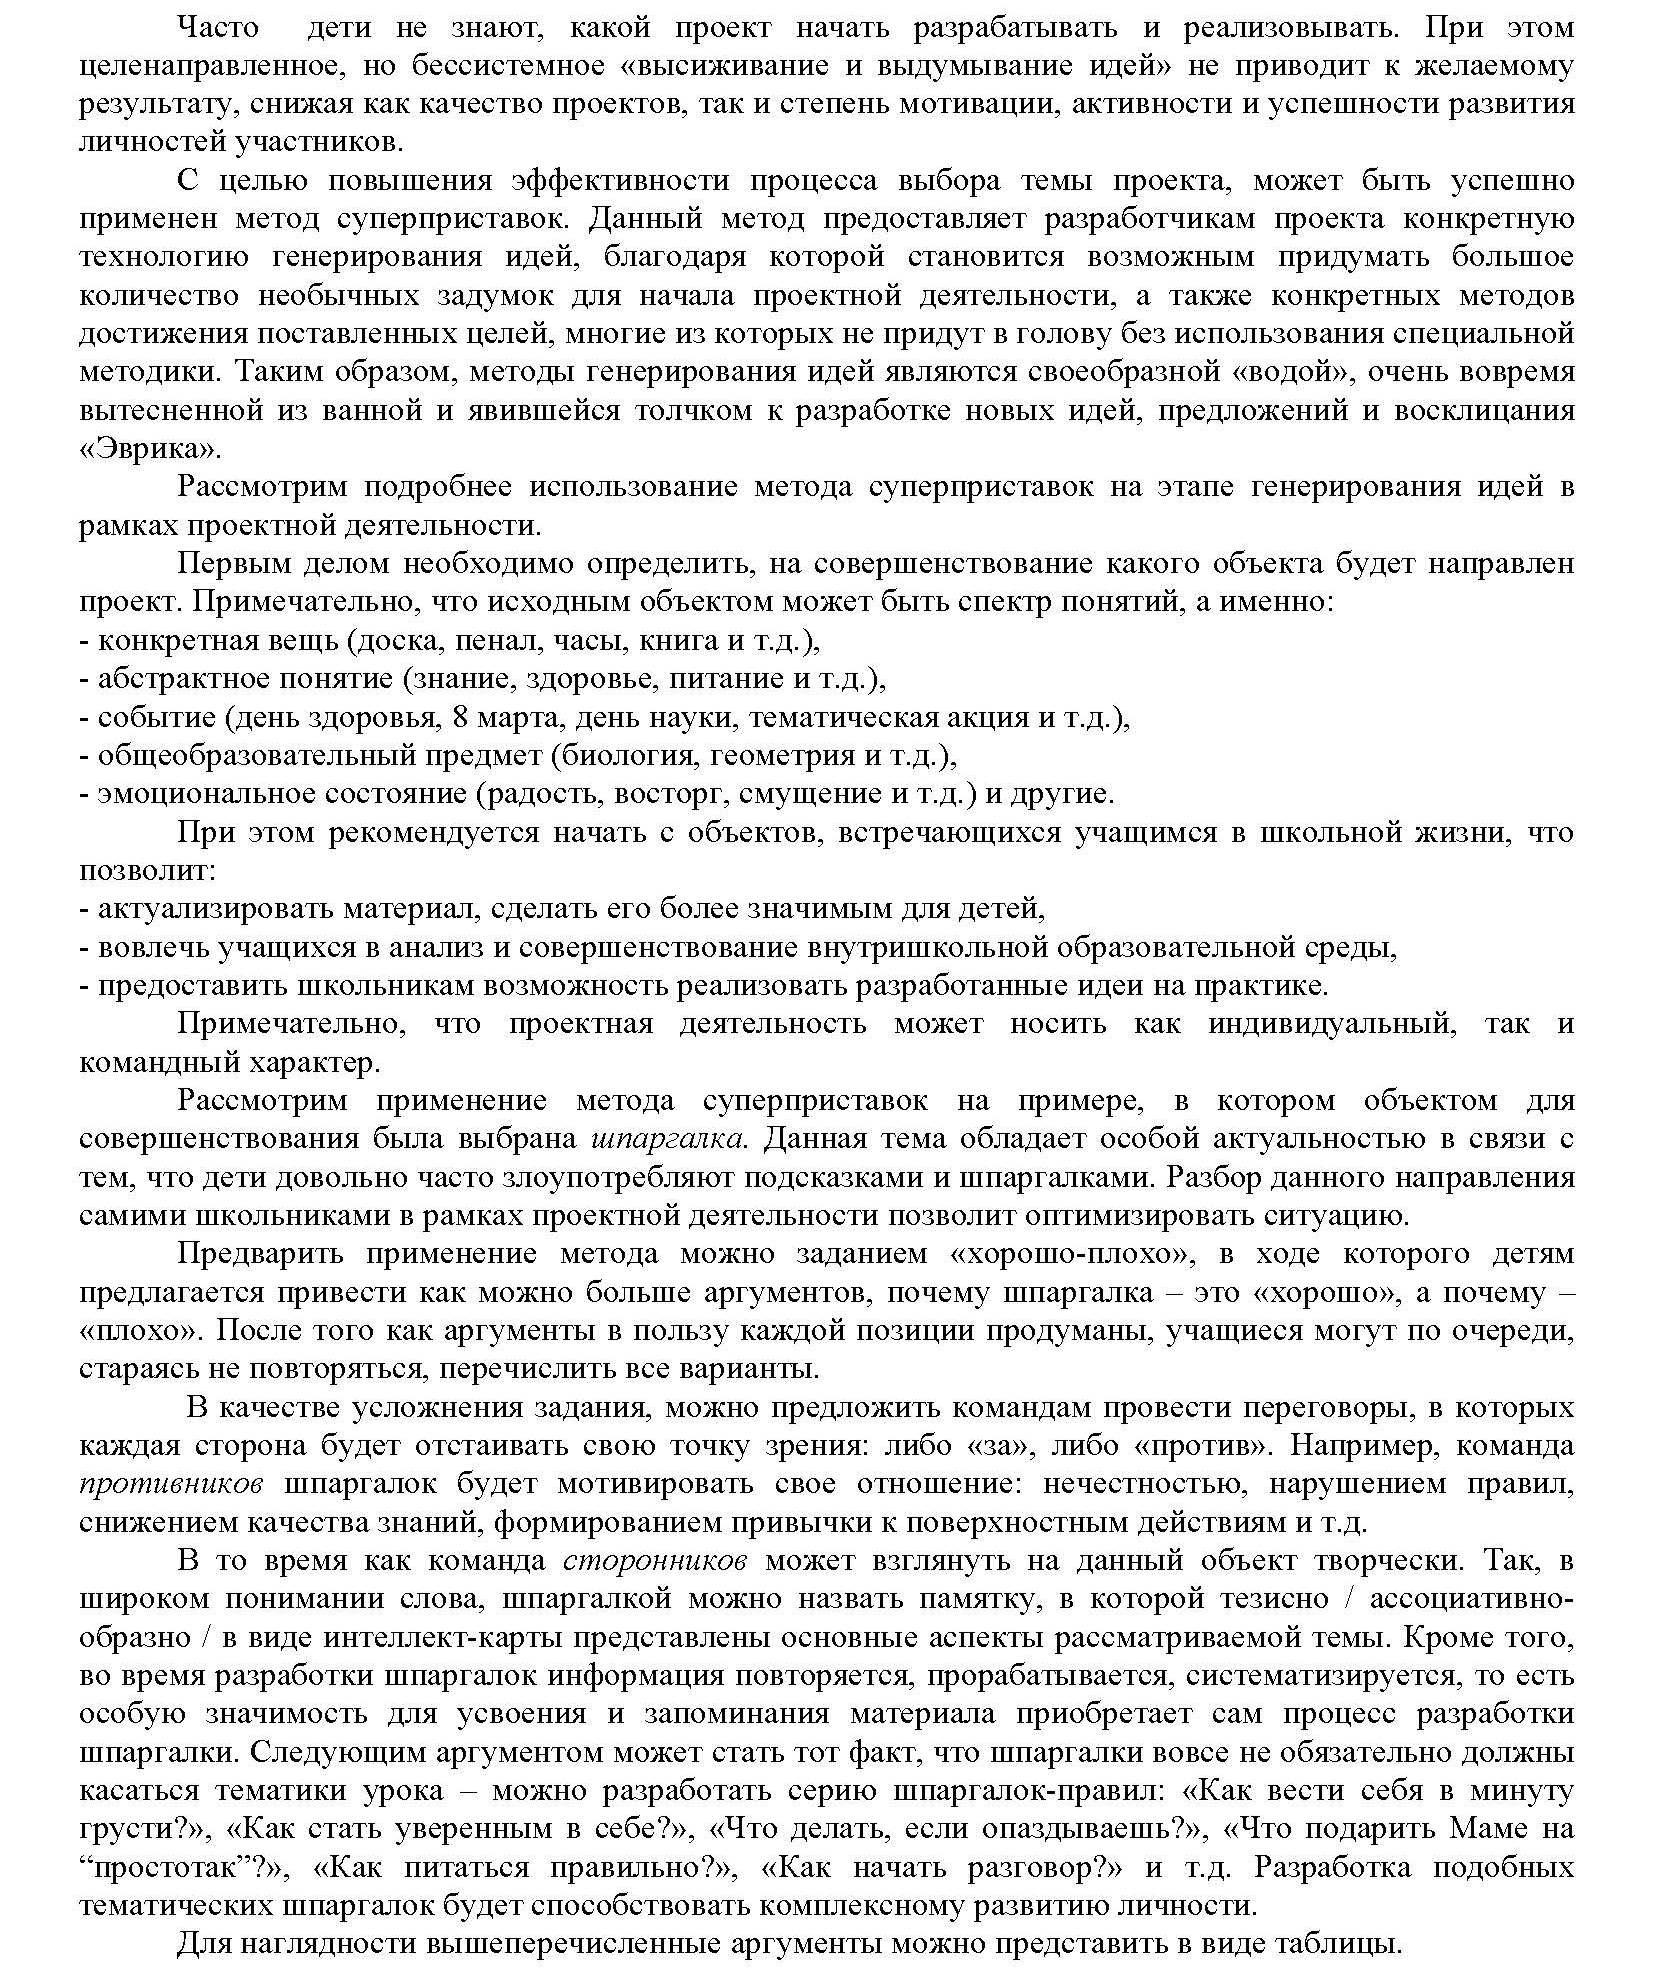 МФО и др._Страница_16